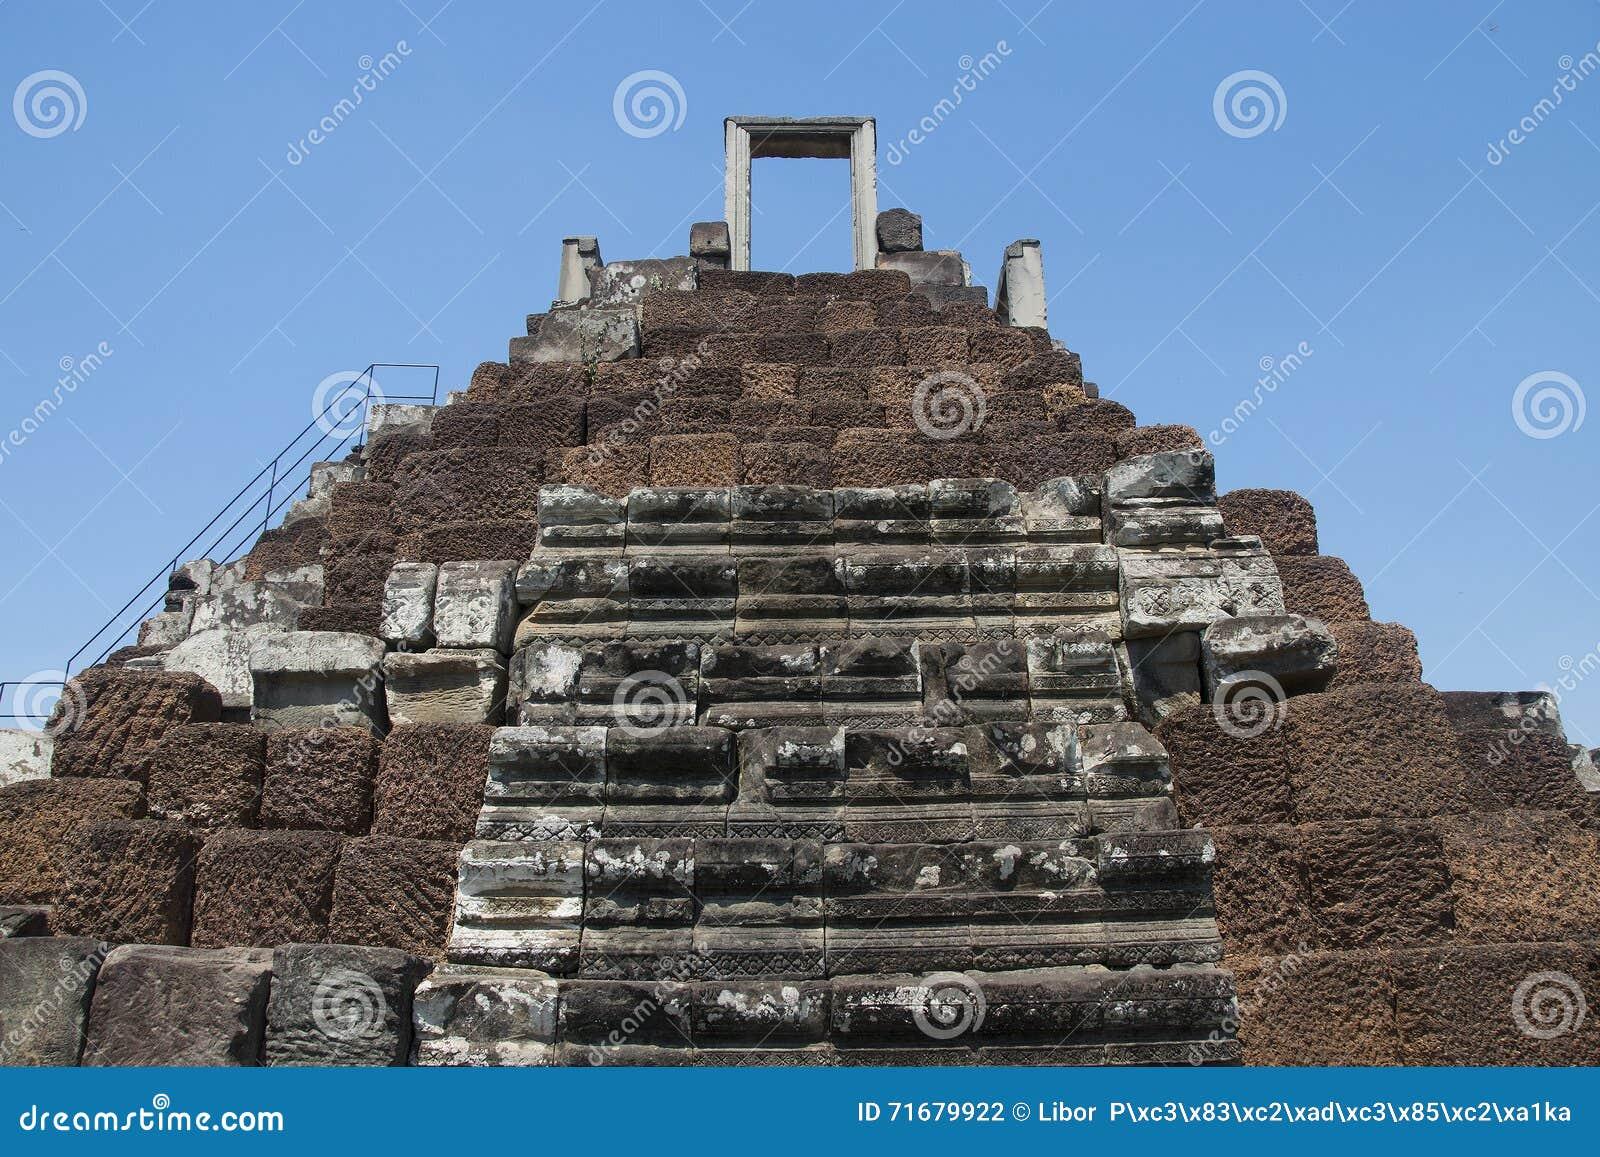 Angkor wat Twierdzi zabytek - Ta Prohm ruiny khmer miasto angkor wat świątynne ściany -